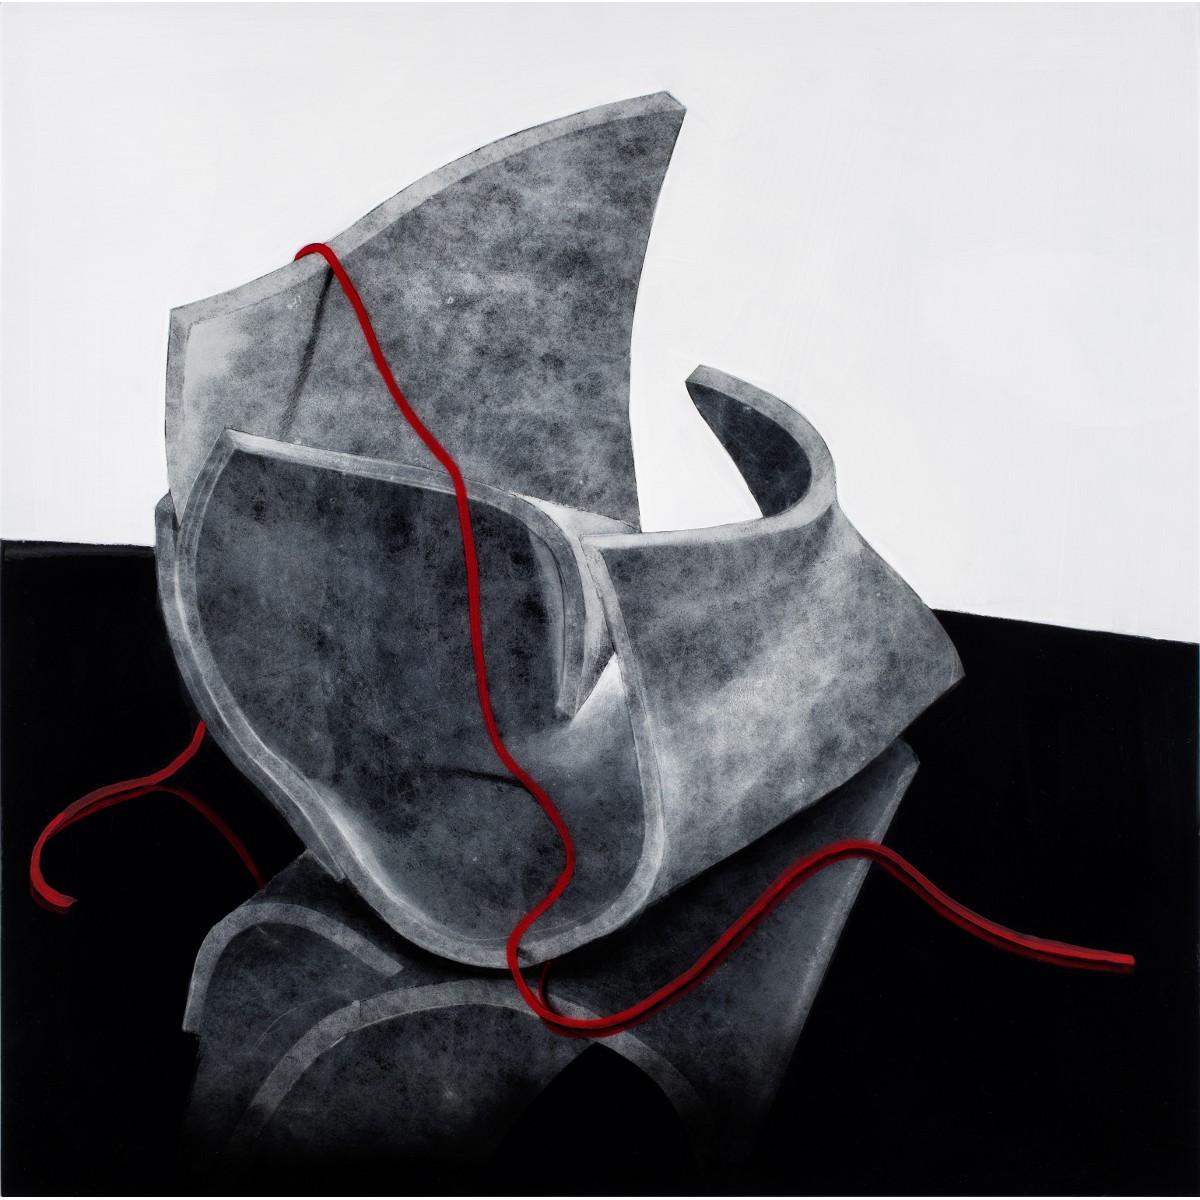 Série Mouvements immobiles, 2013